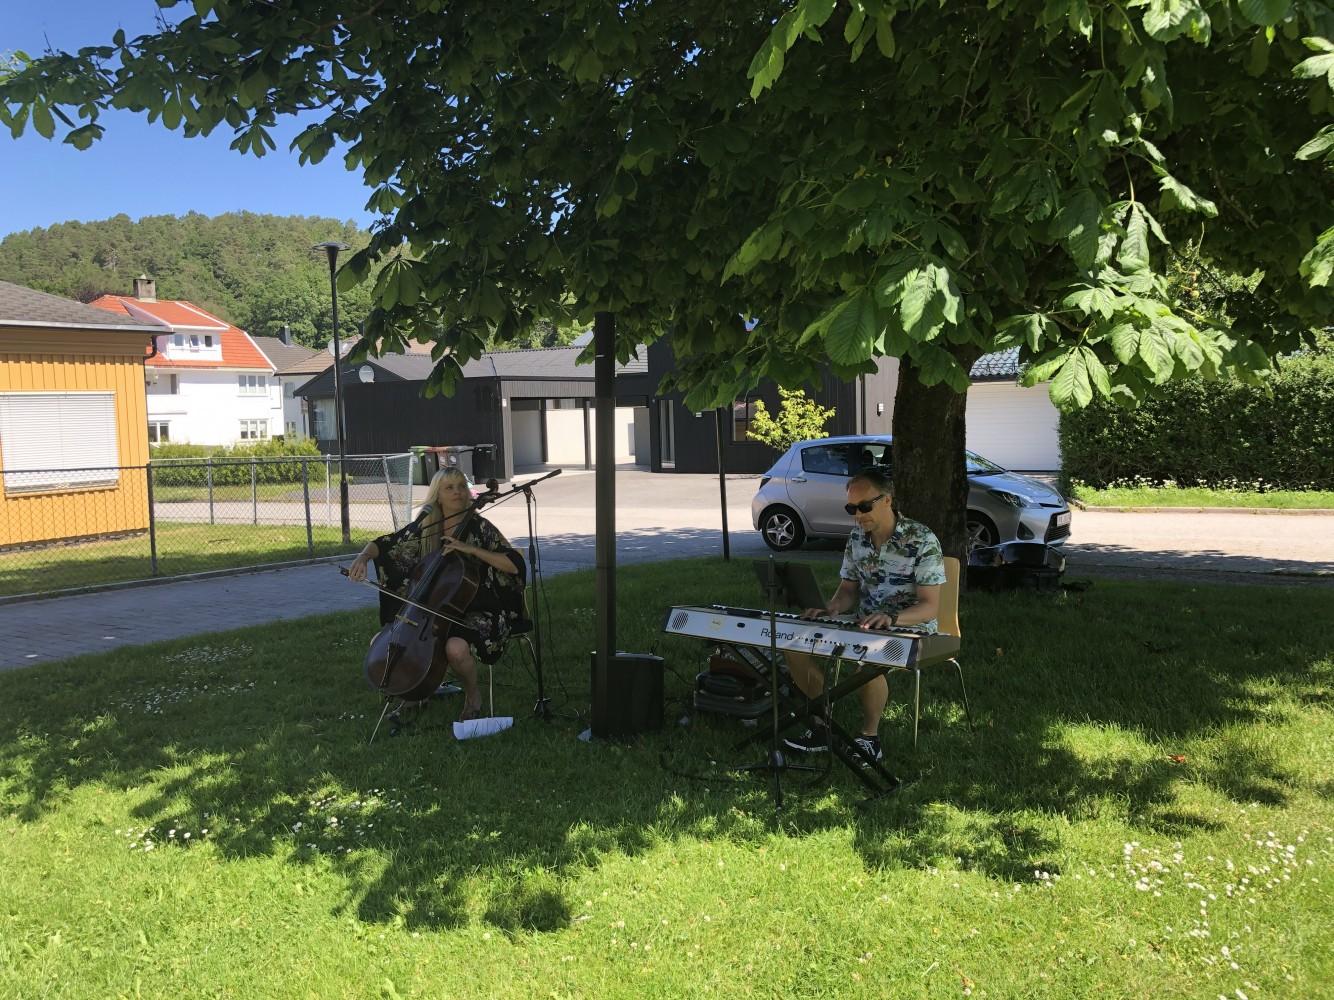 To musikere spiller konsert under et tre